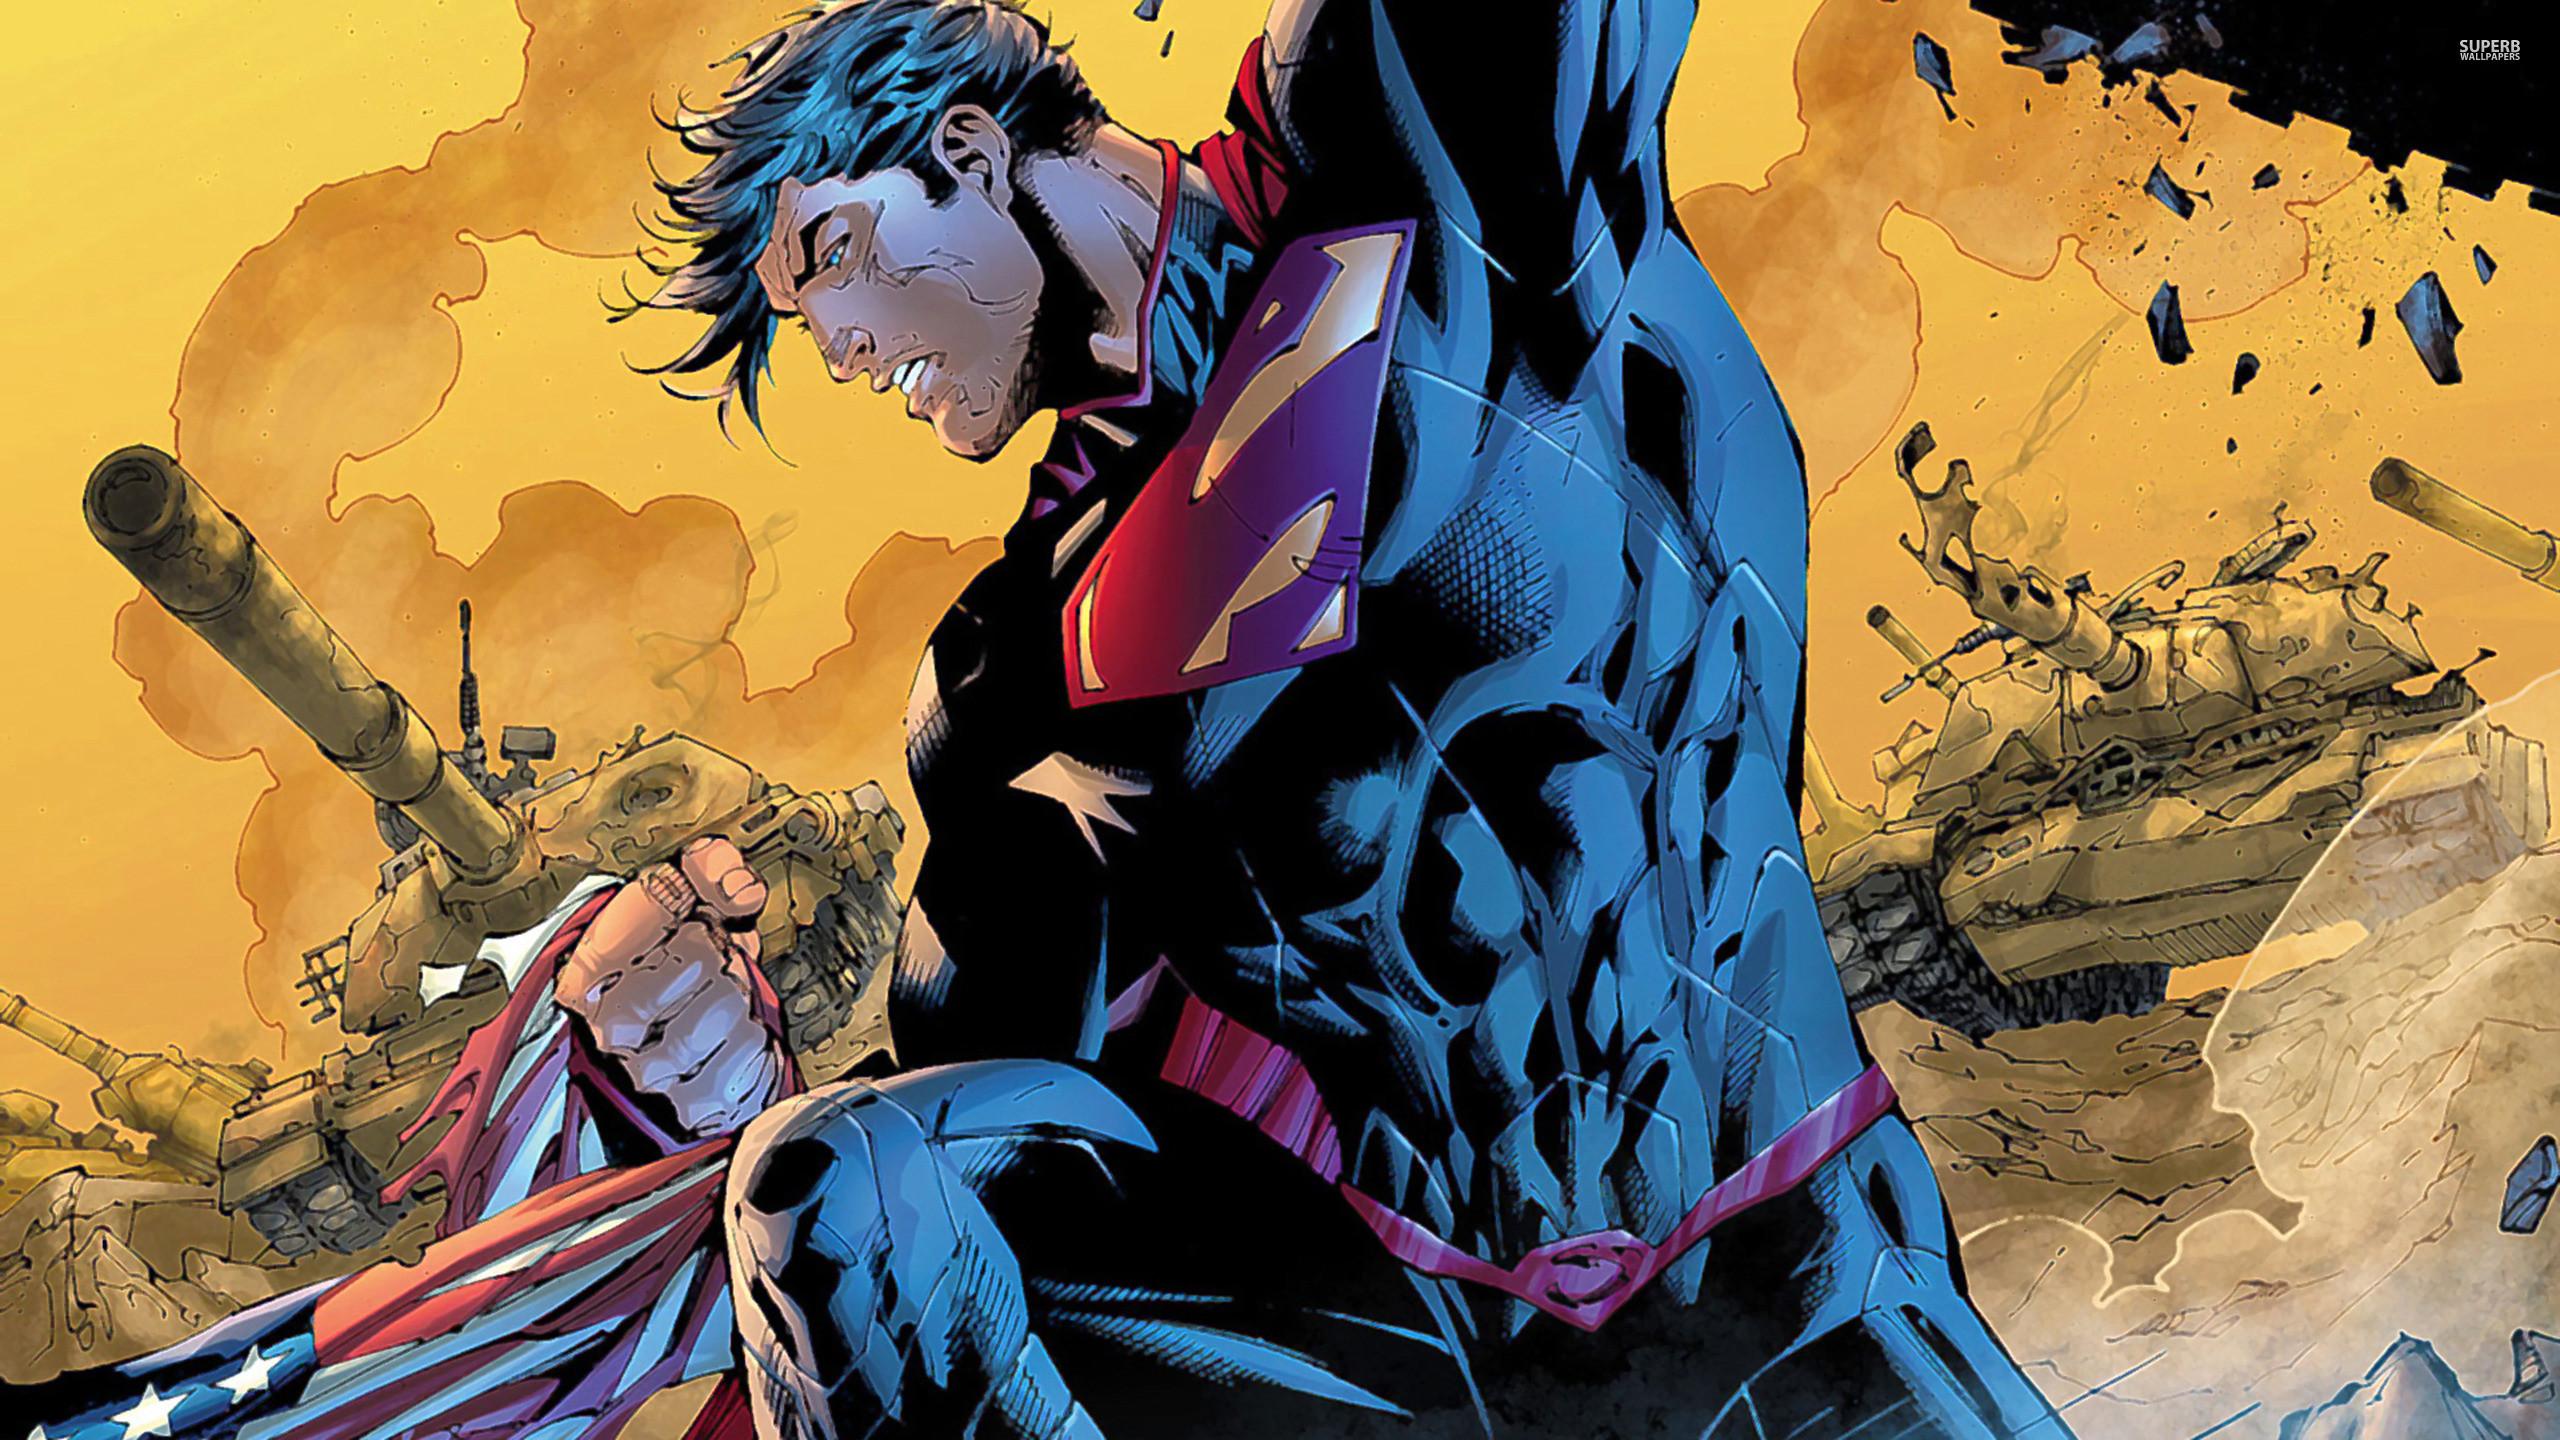 Superman Wallpaper 1080p #uv68m Logo Iphone New 52 Batman 2013 Hd Desktop